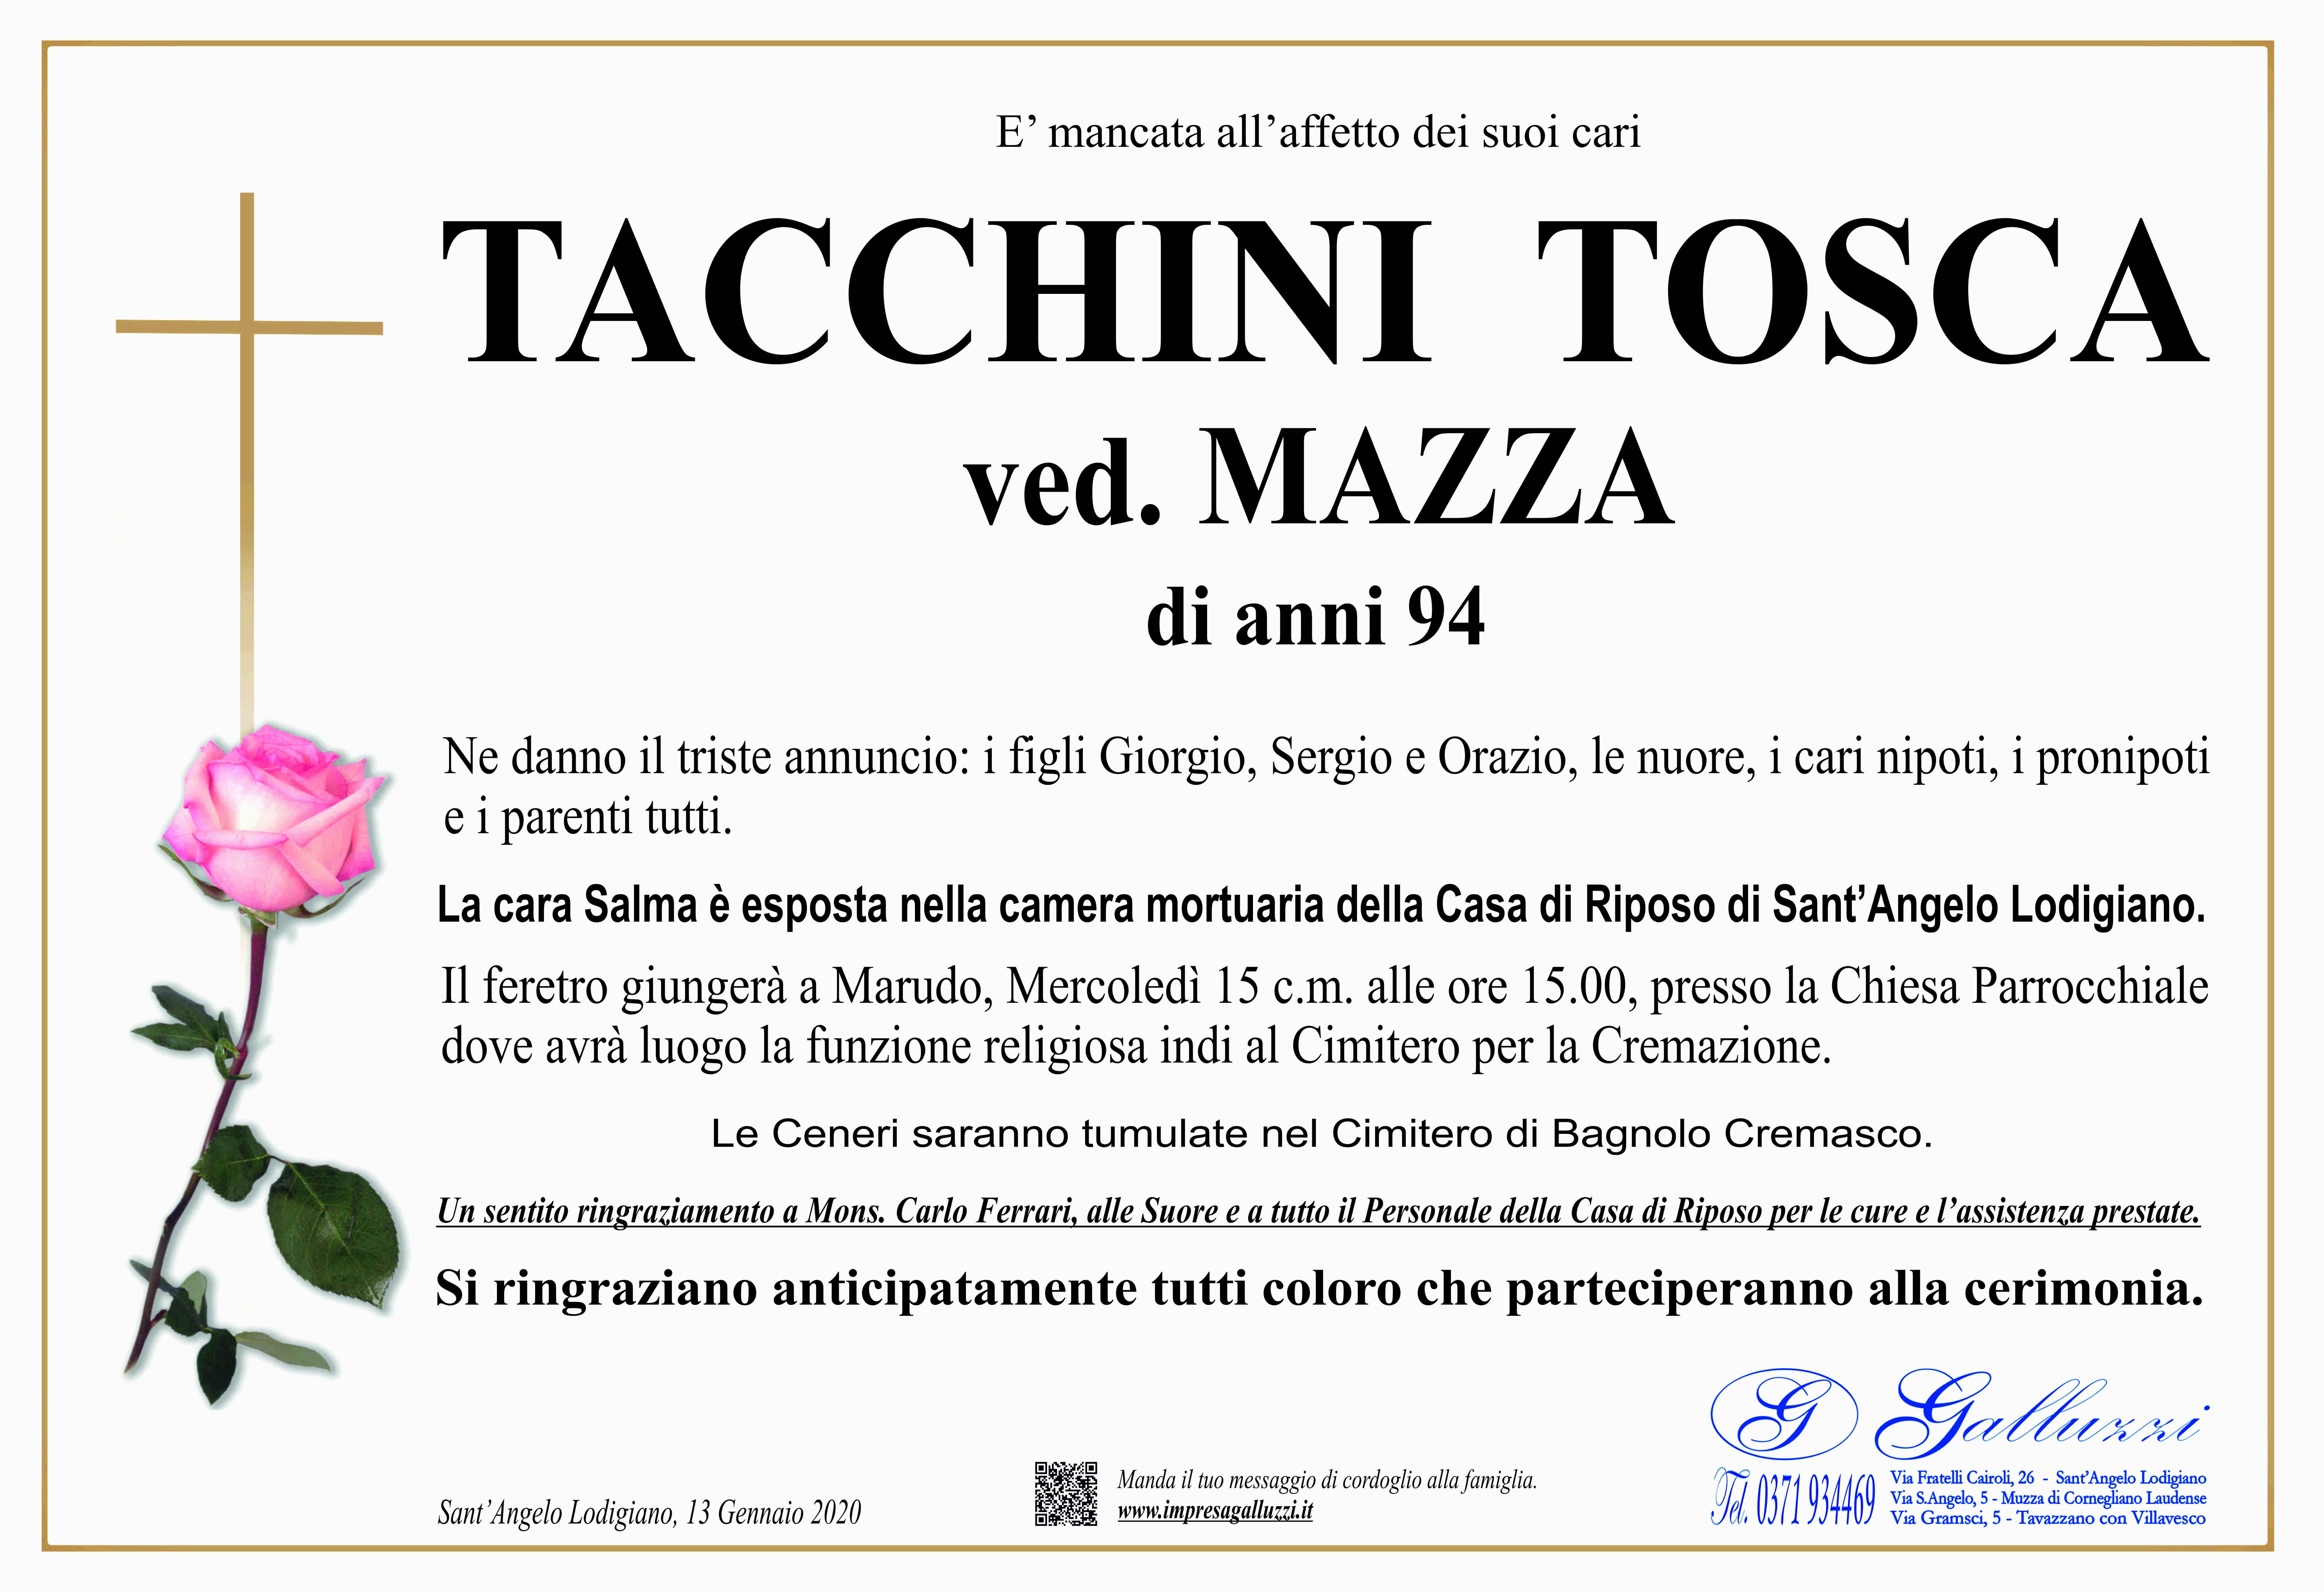 Tosca Tacchini